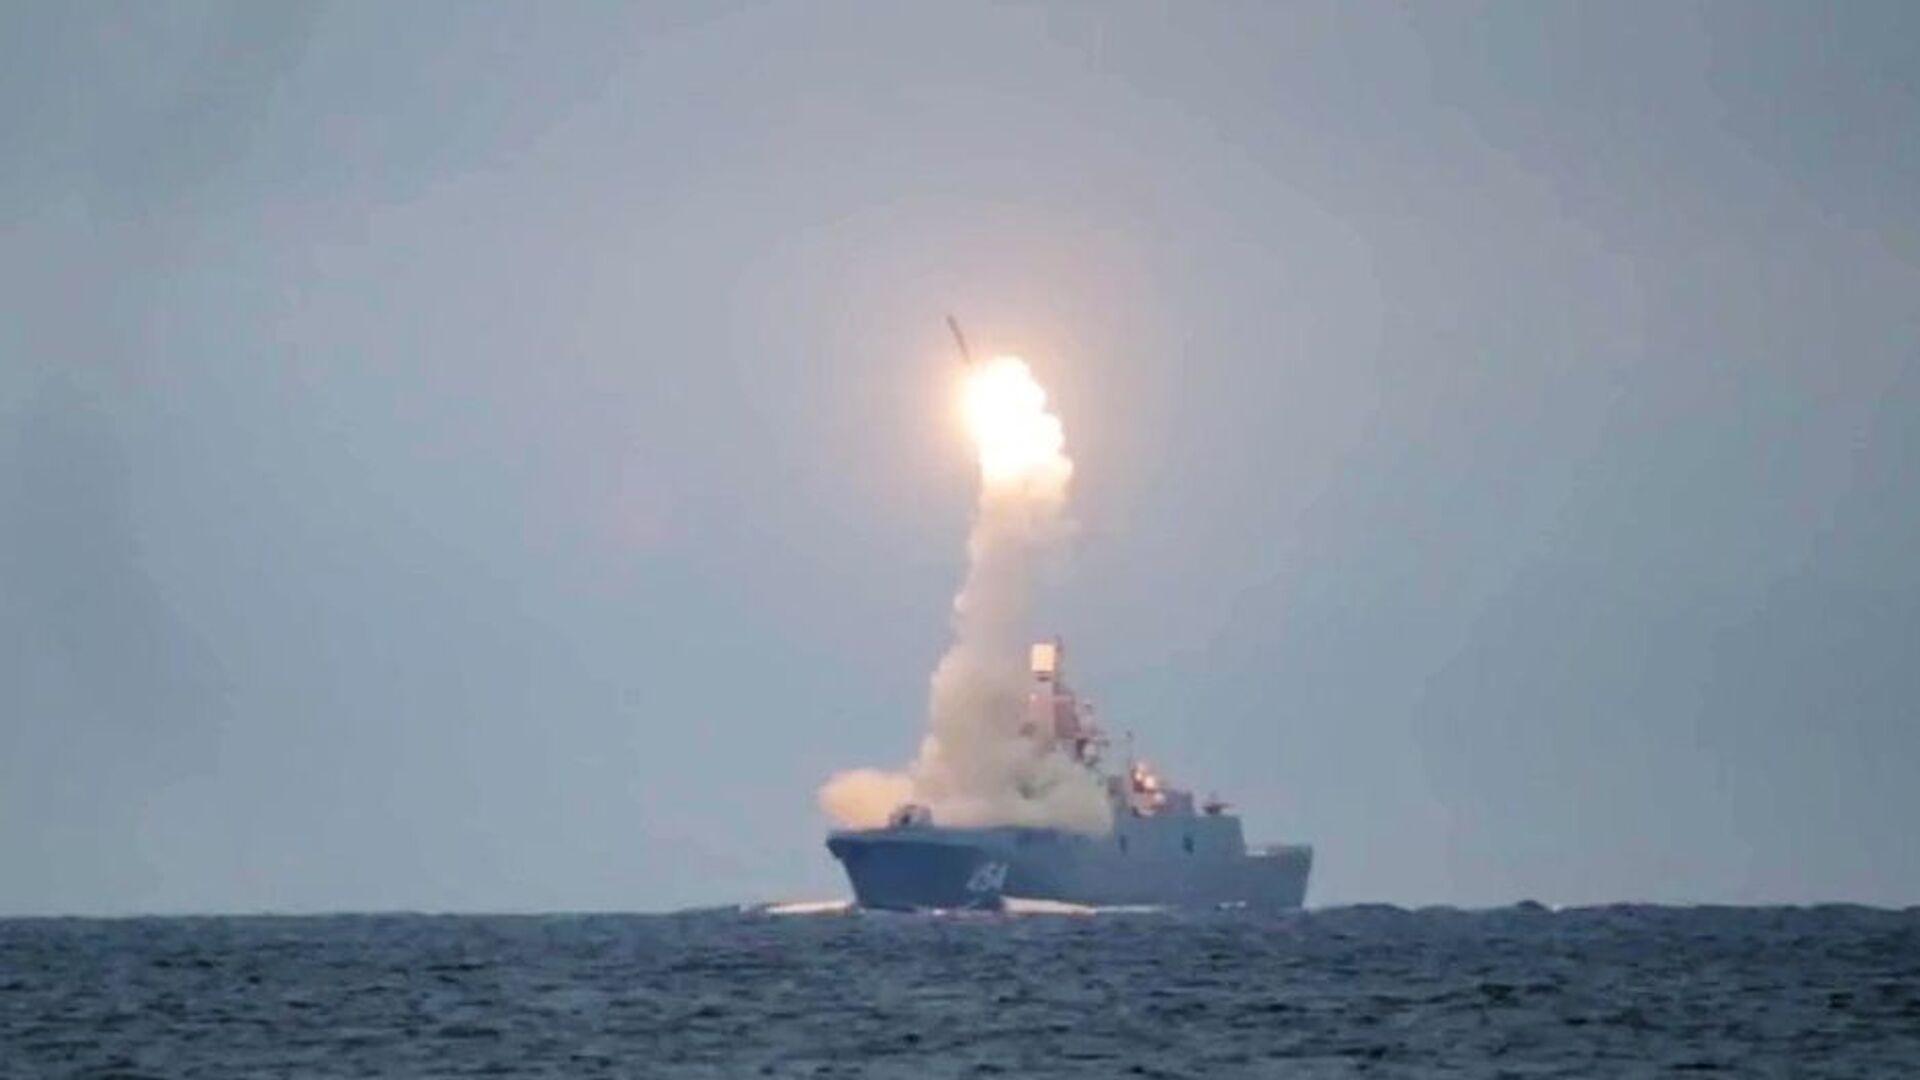 Лансирање хиперсоничне ракете Циркон са фрегате Адмирал Горшков у Белом мору - Sputnik Србија, 1920, 20.04.2021